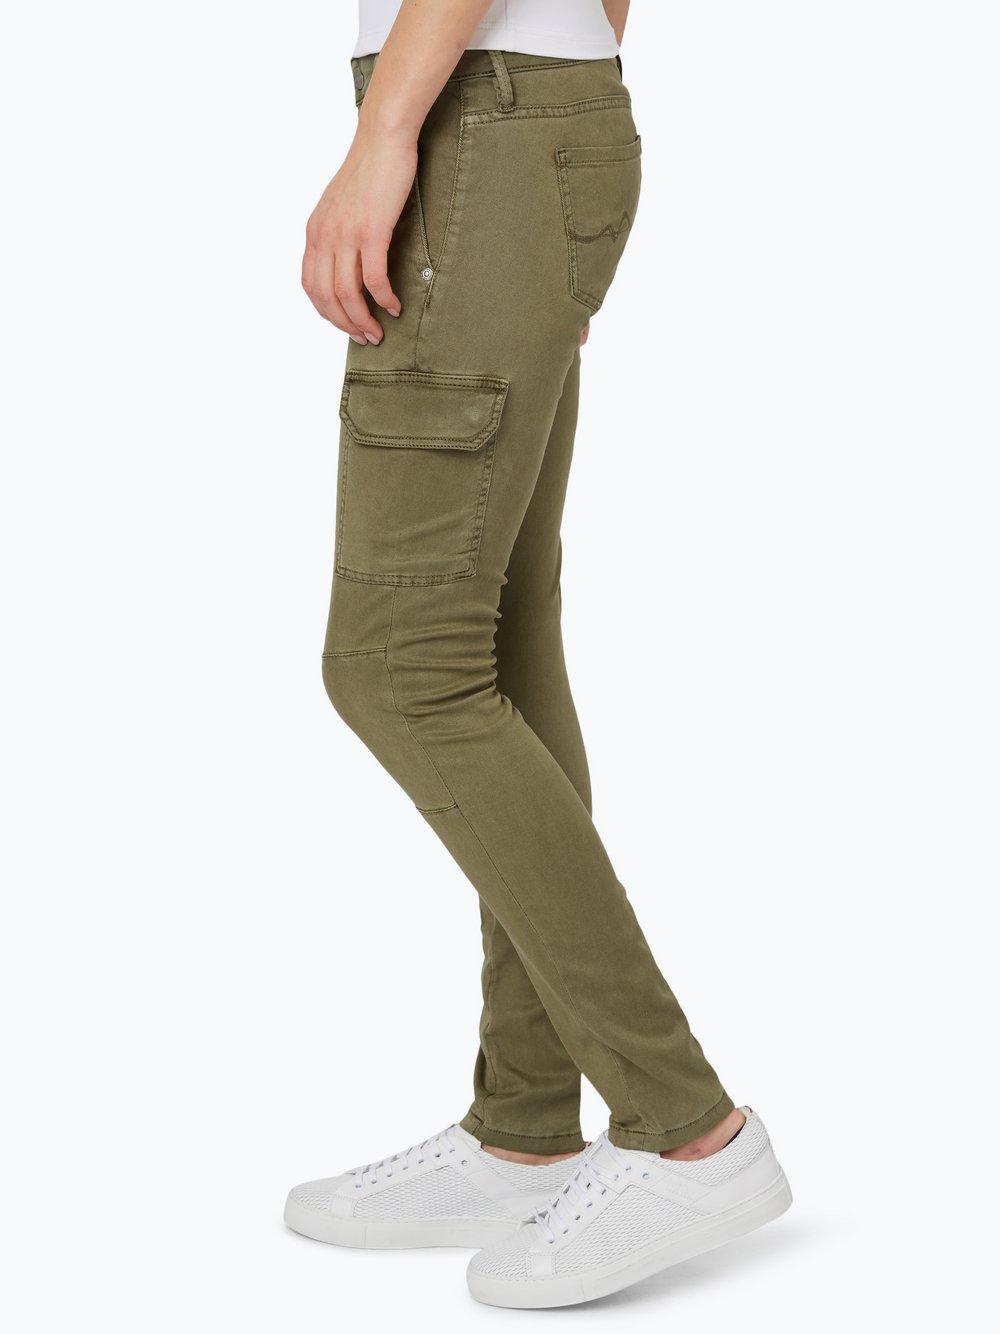 Pepe Jeans Damen Hose Survivor online kaufen | PEEK UND